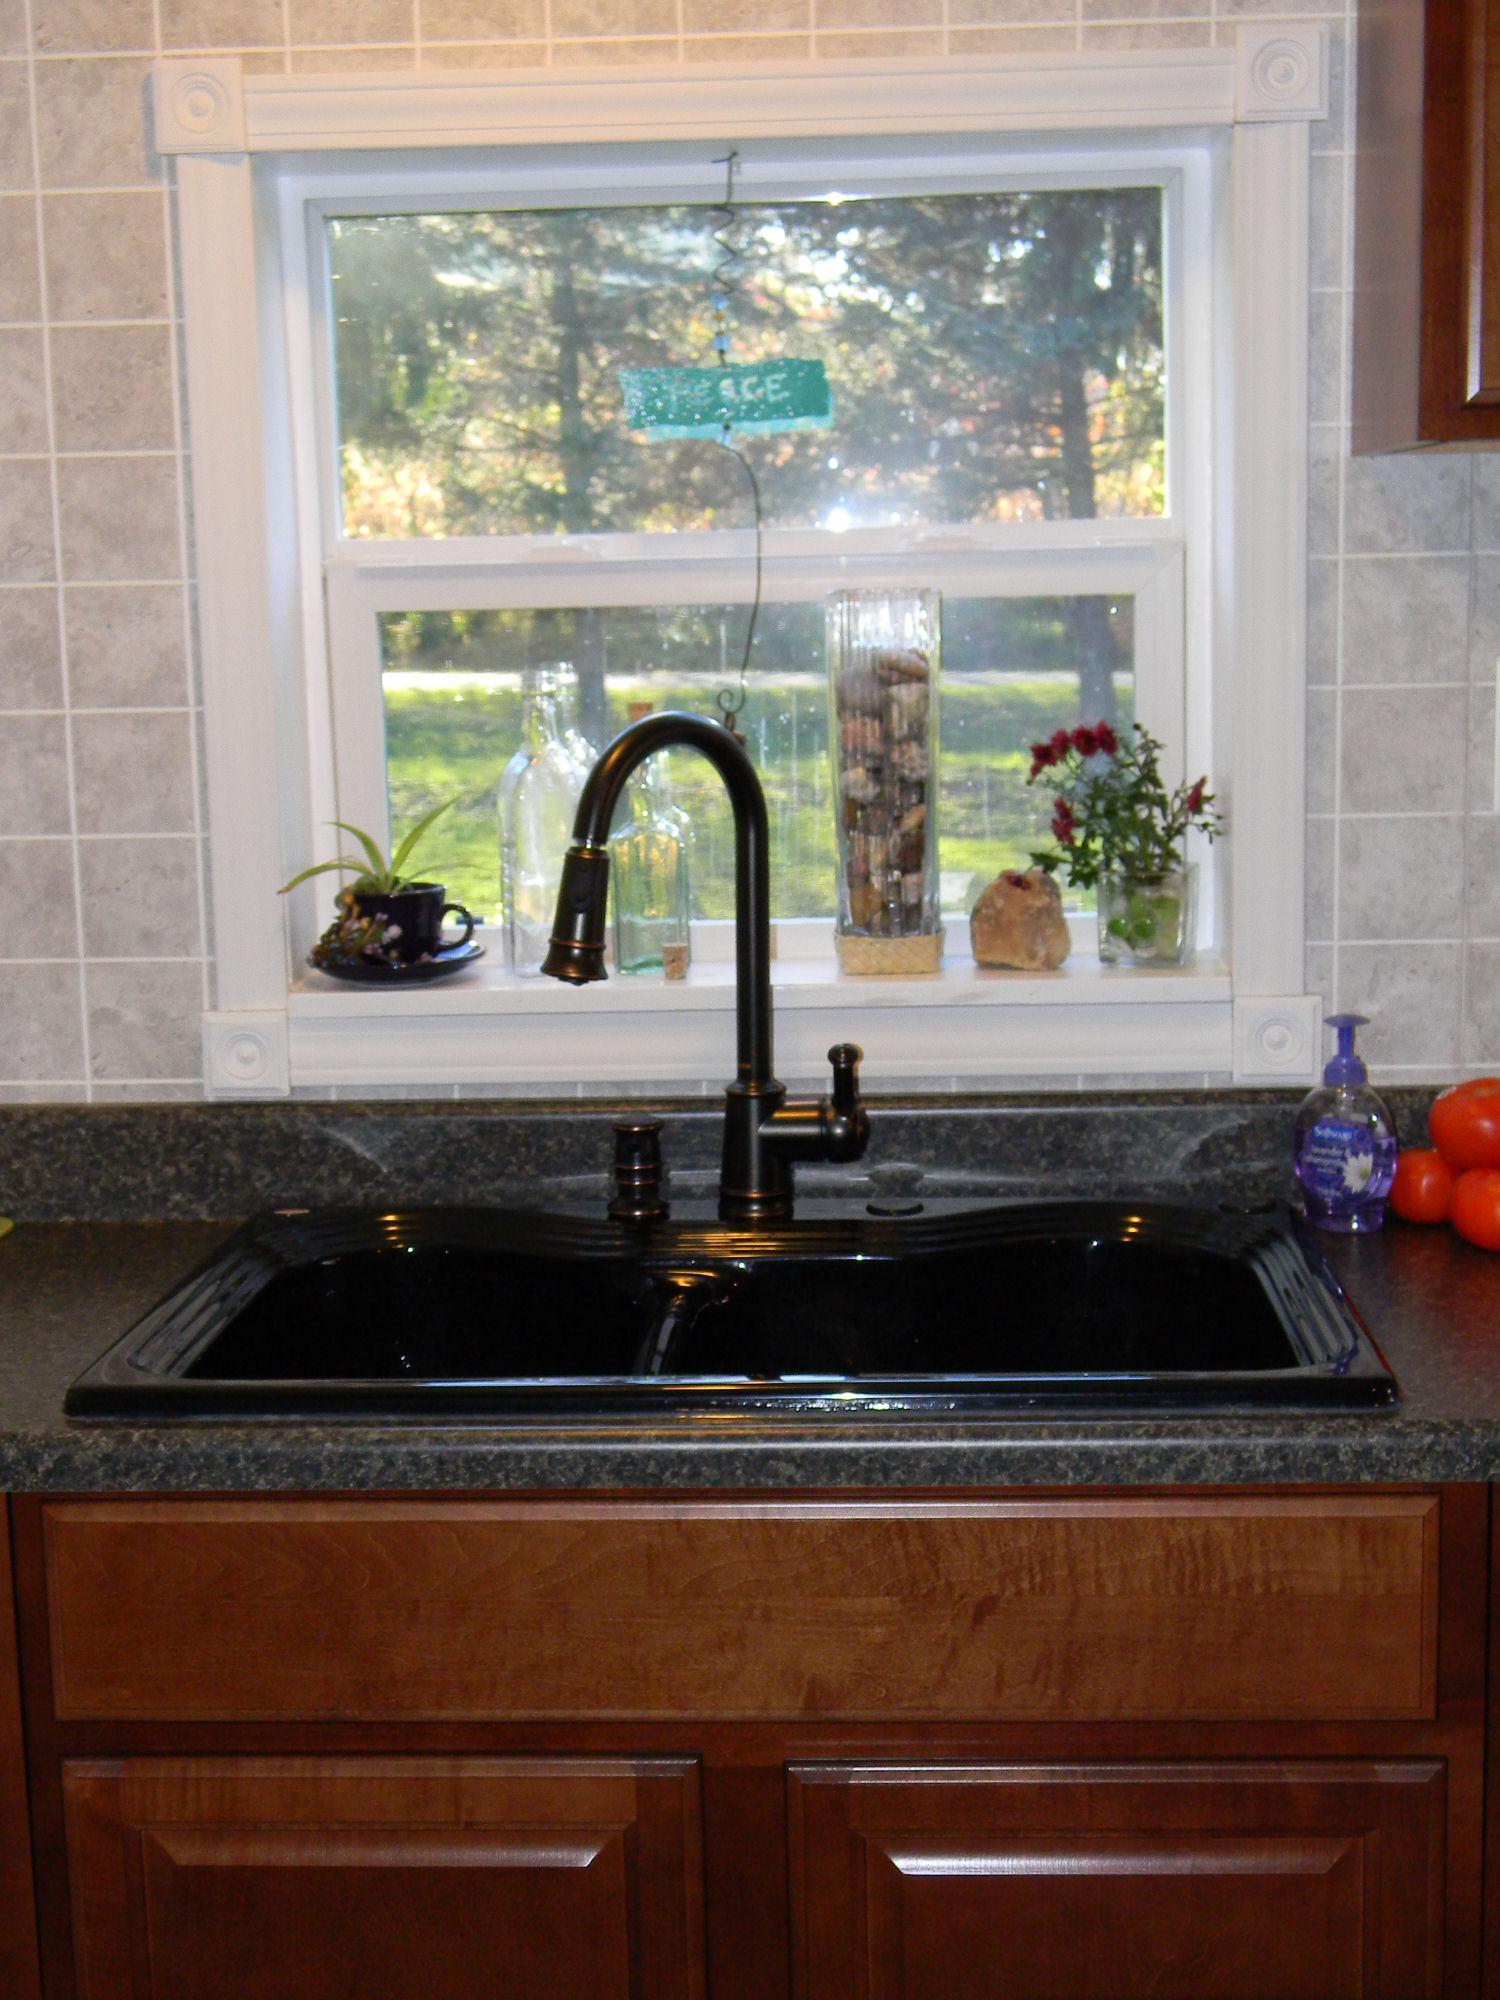 kitchensink mobile home kitchen remodel Kitchen Sink Mobile Home Kitchen Remodel